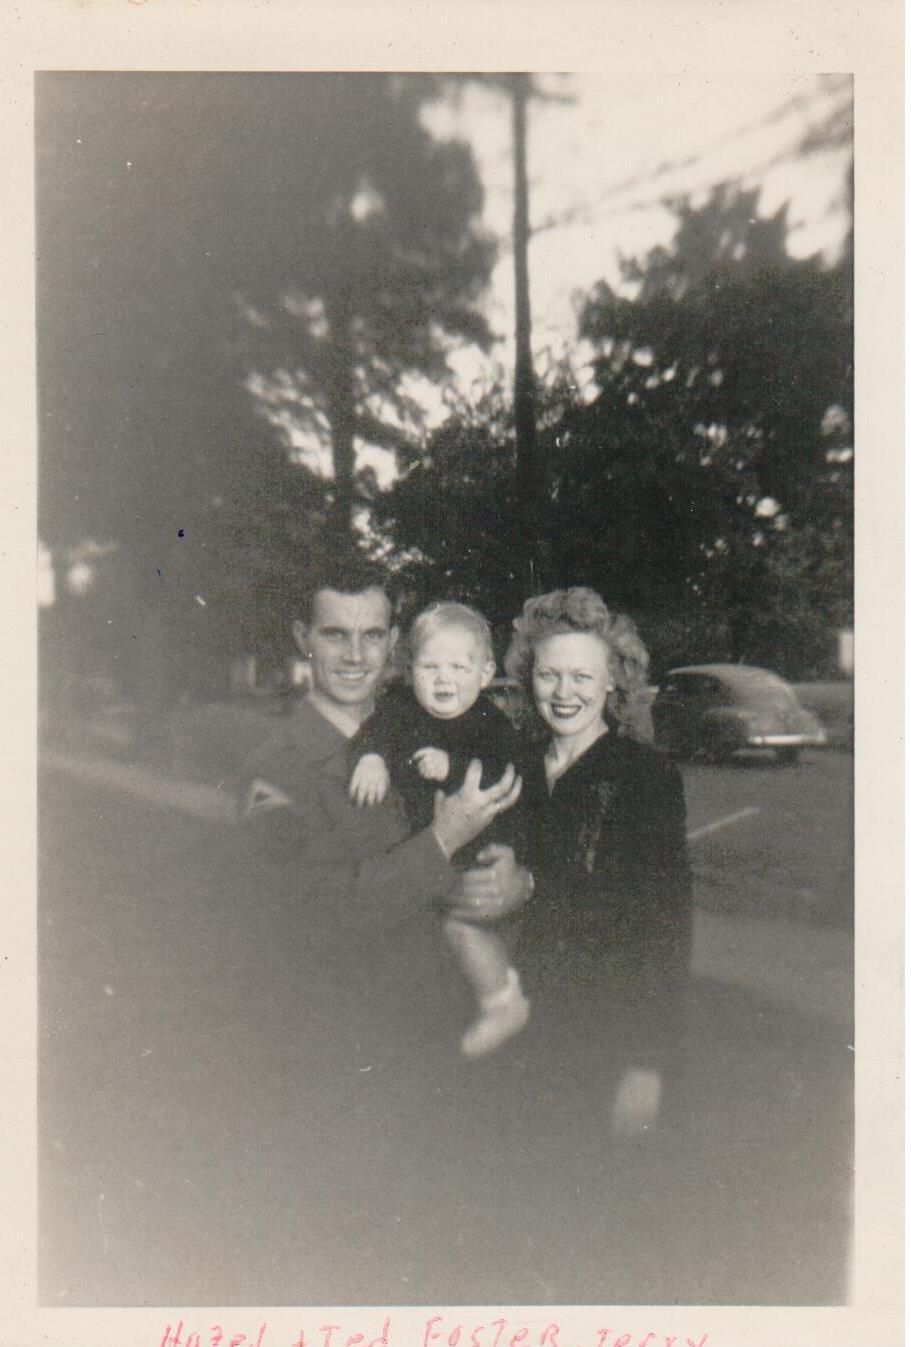 Bridget Turner (1939?014),Geoffrey Bayldon (1924?017) Porno video Tamara Drasin,Cynthia Pepper